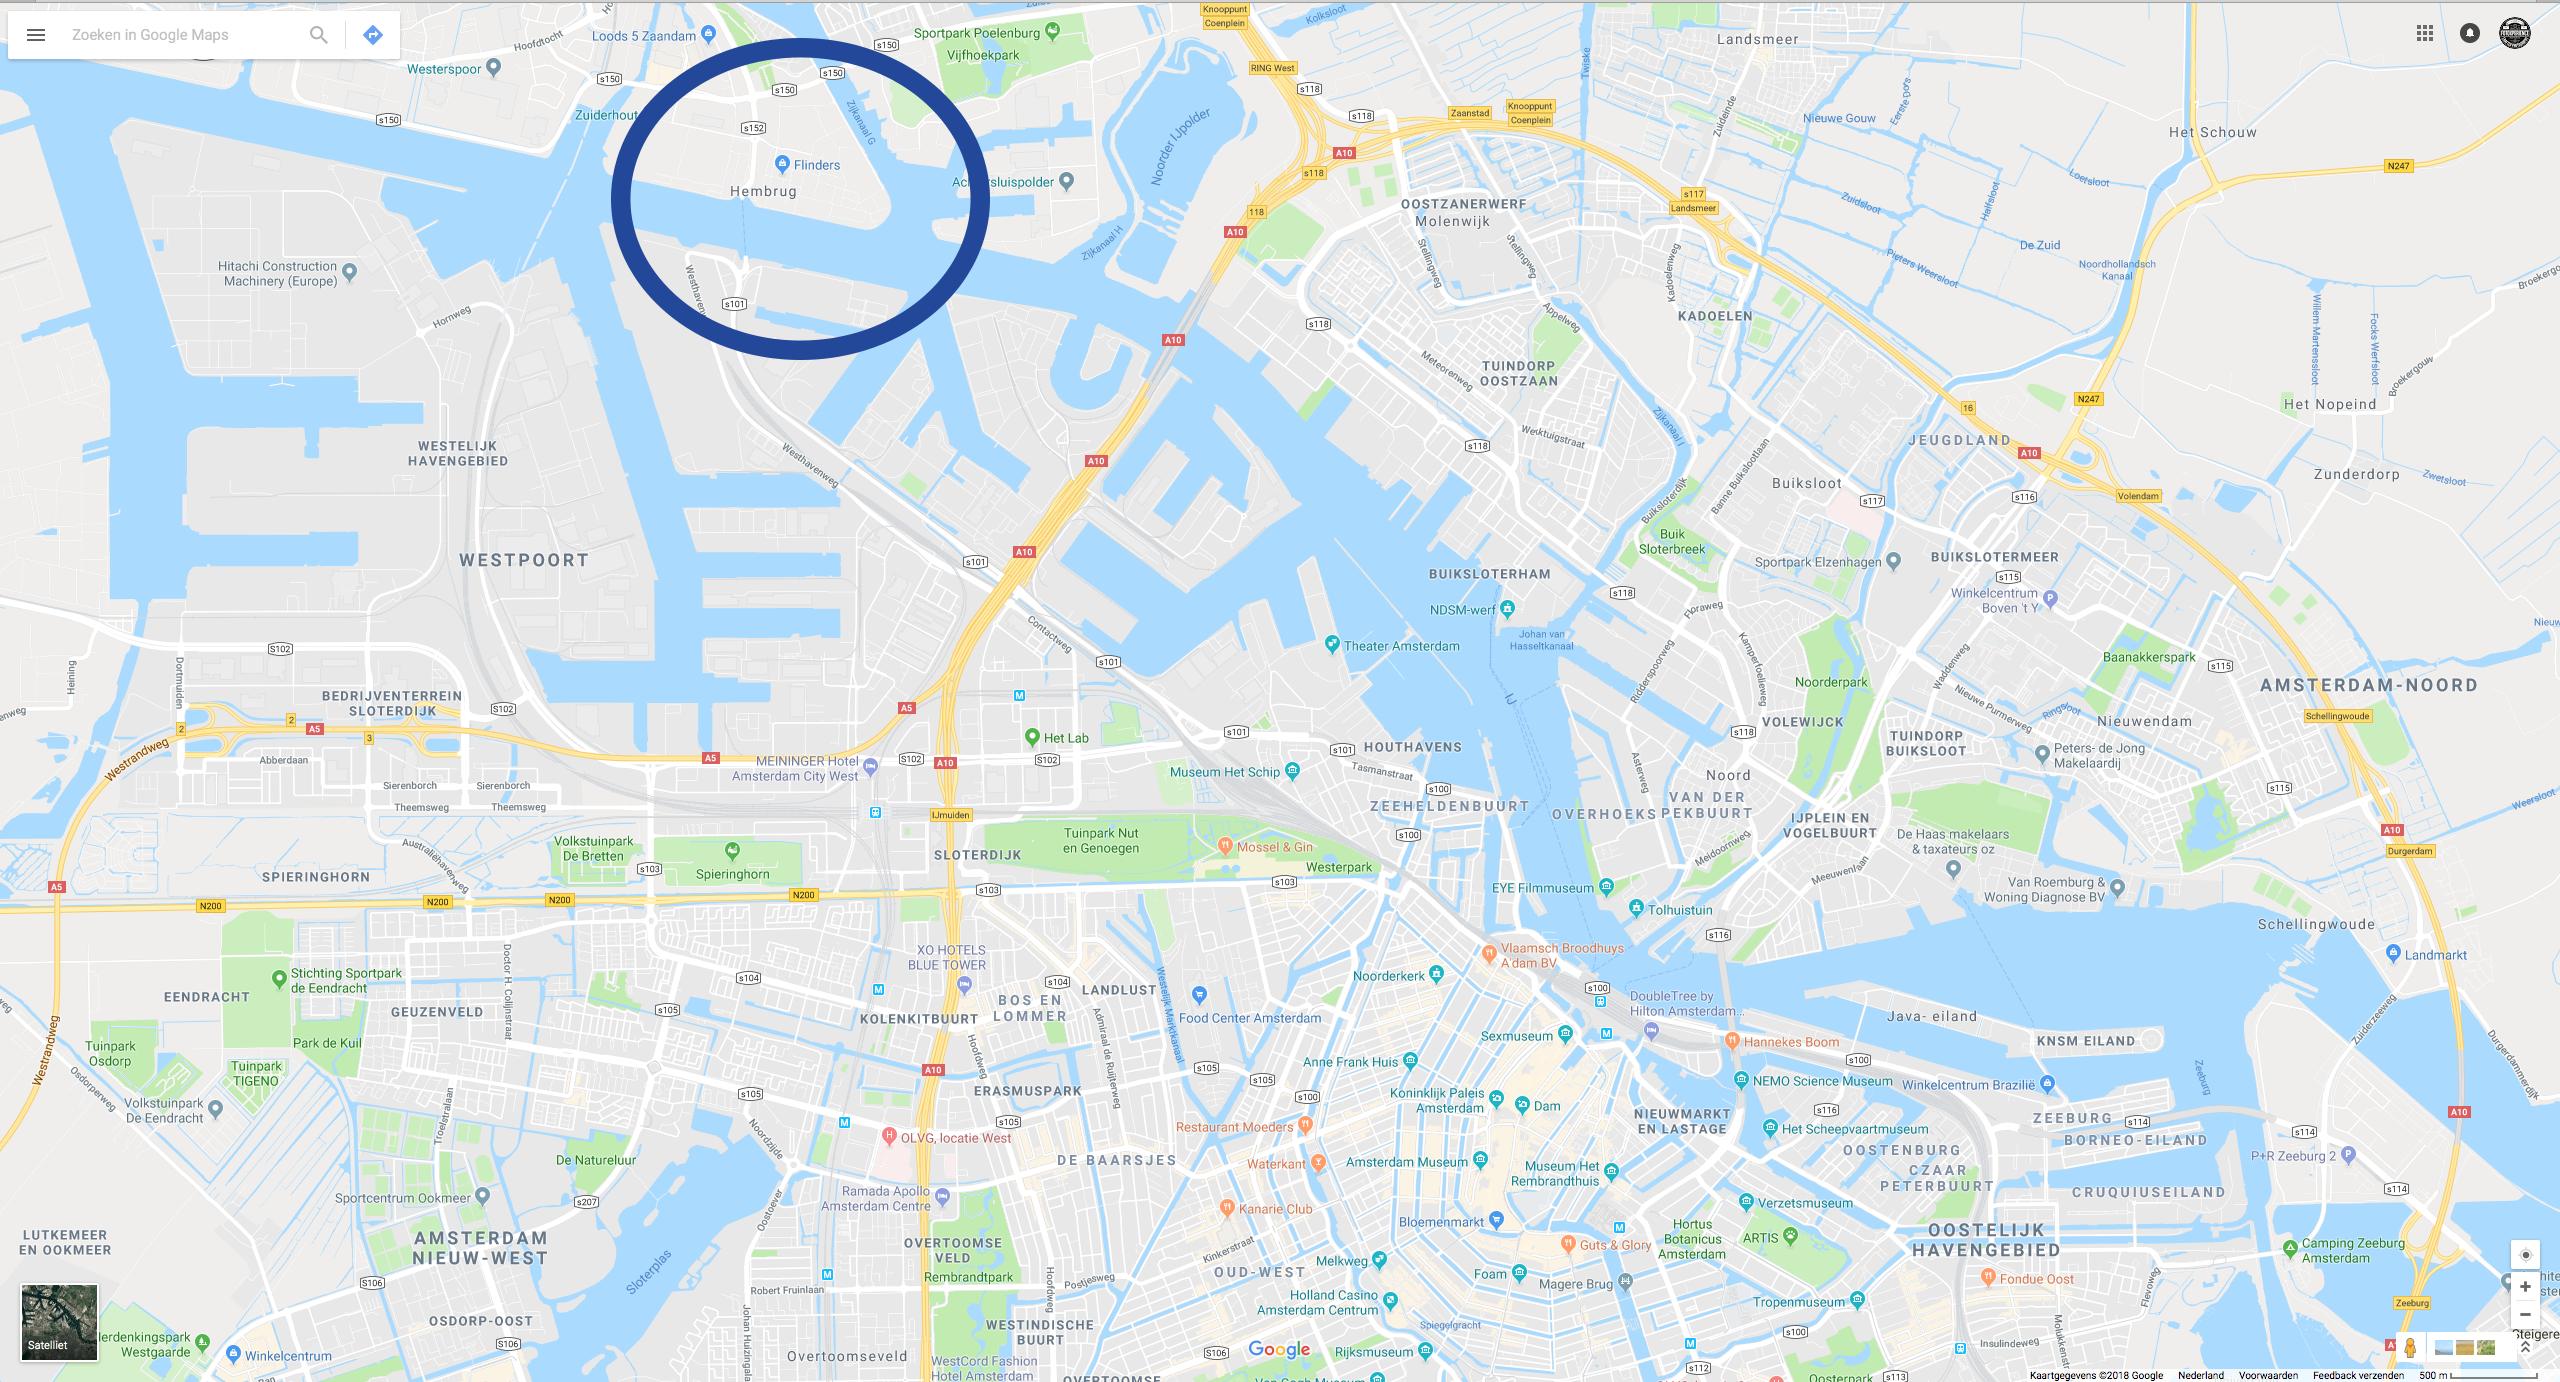 Retail winkel op Google Street View